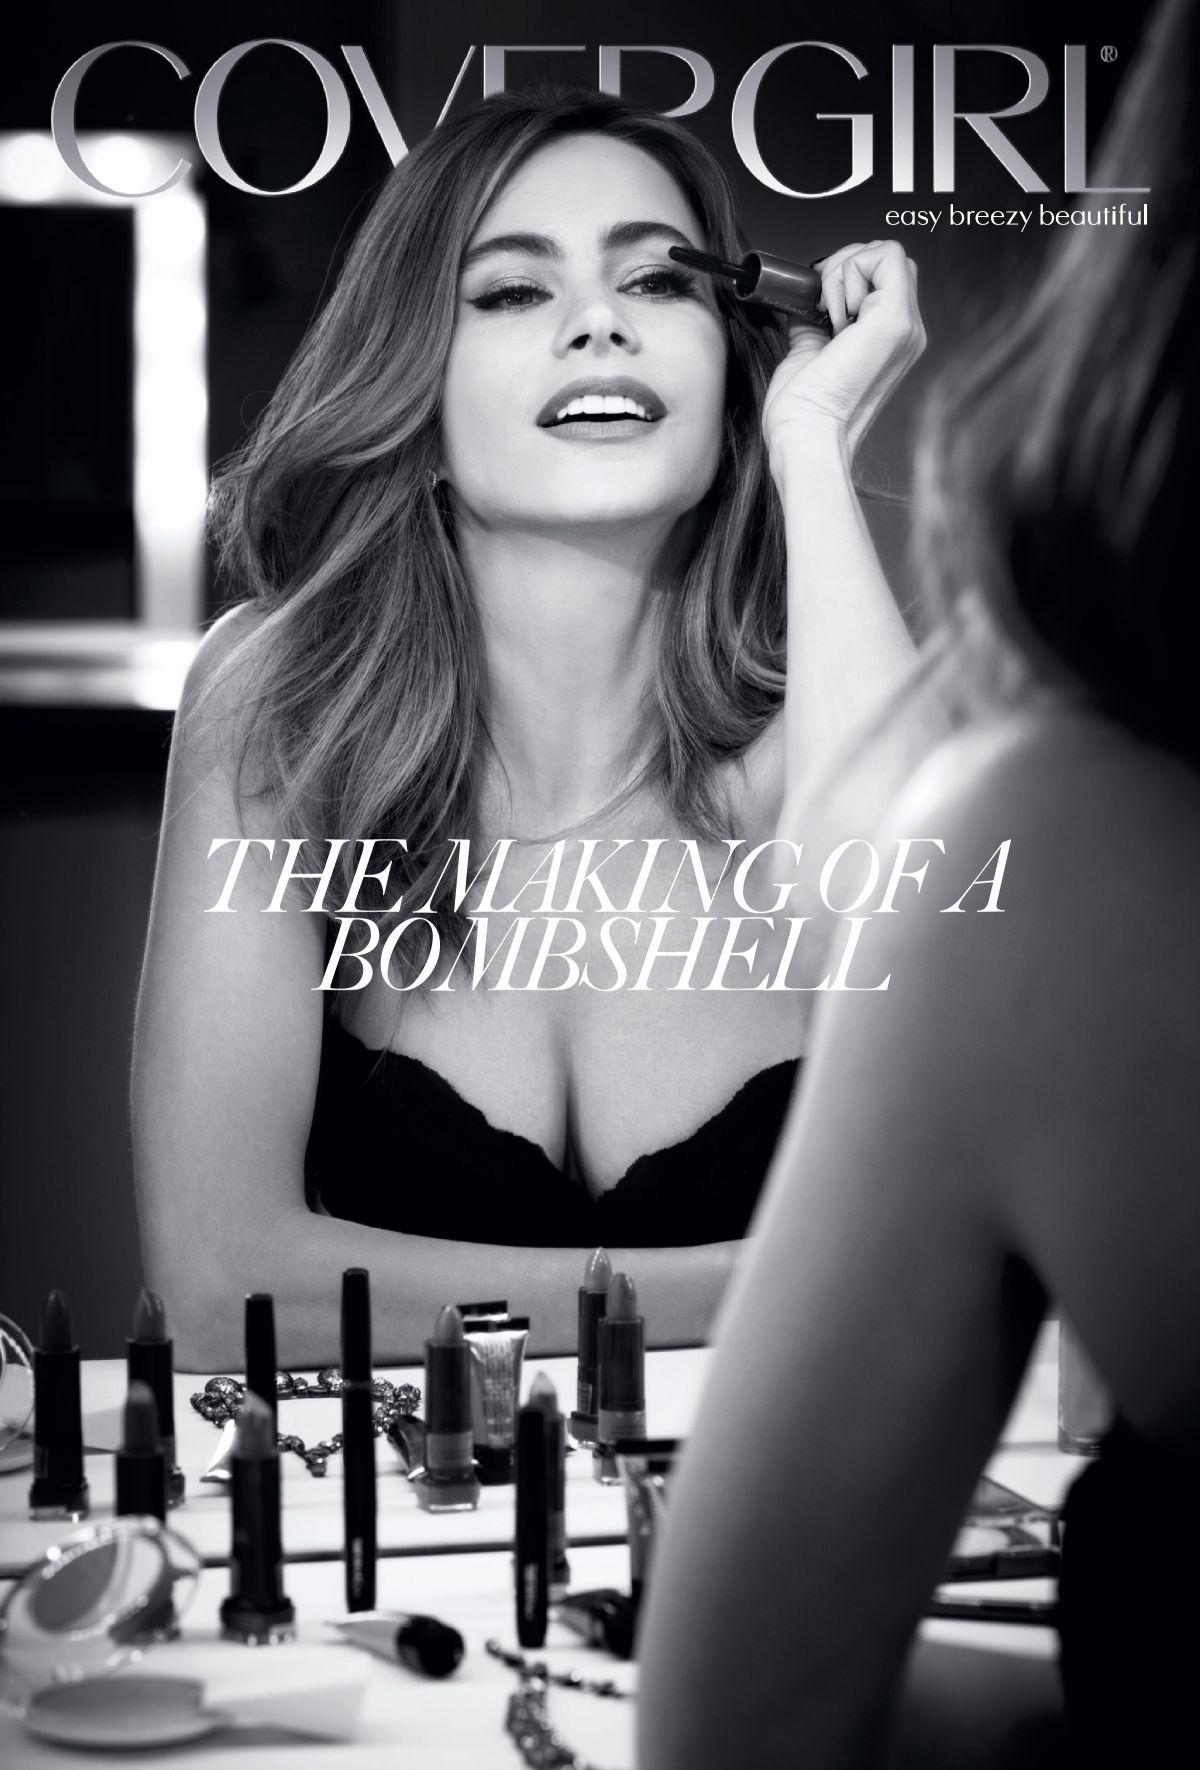 SOFIA VERGARA - Covergirl - 2013/2014 Campaign